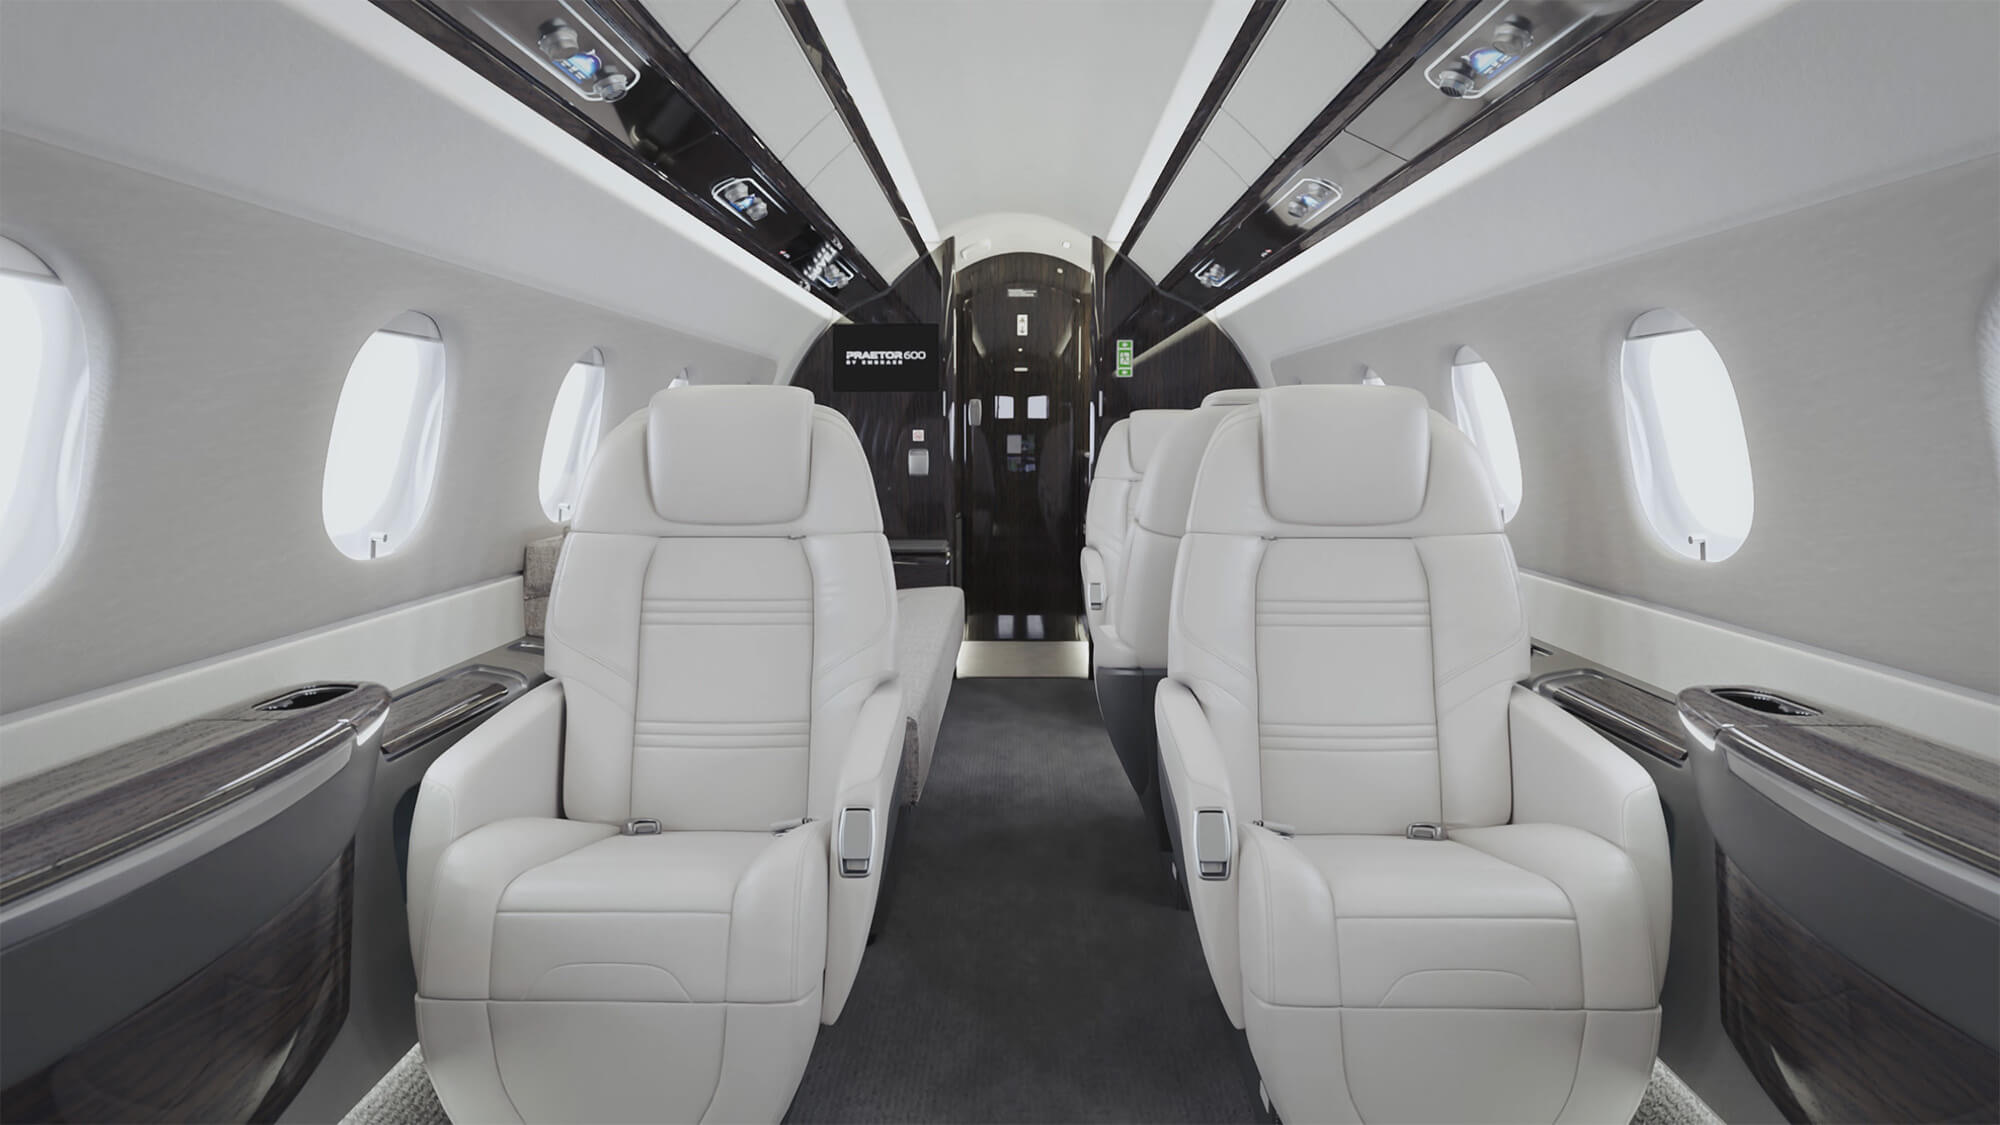 Praetor600-Luxury-BackKiPHome